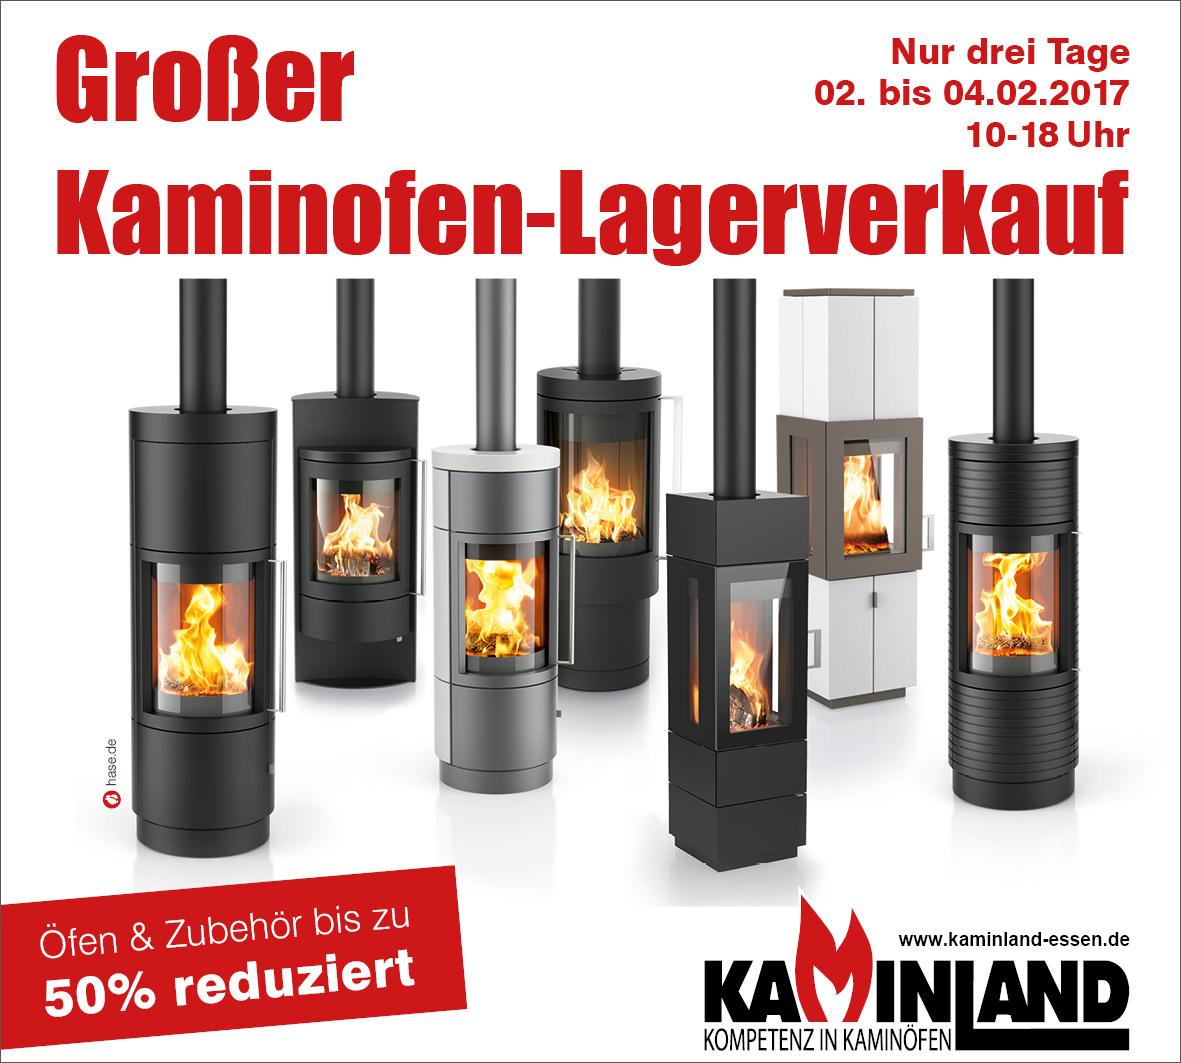 Kaminland Essen Kaminofen Lagerverkauf vom 02.02. bis 04.02.